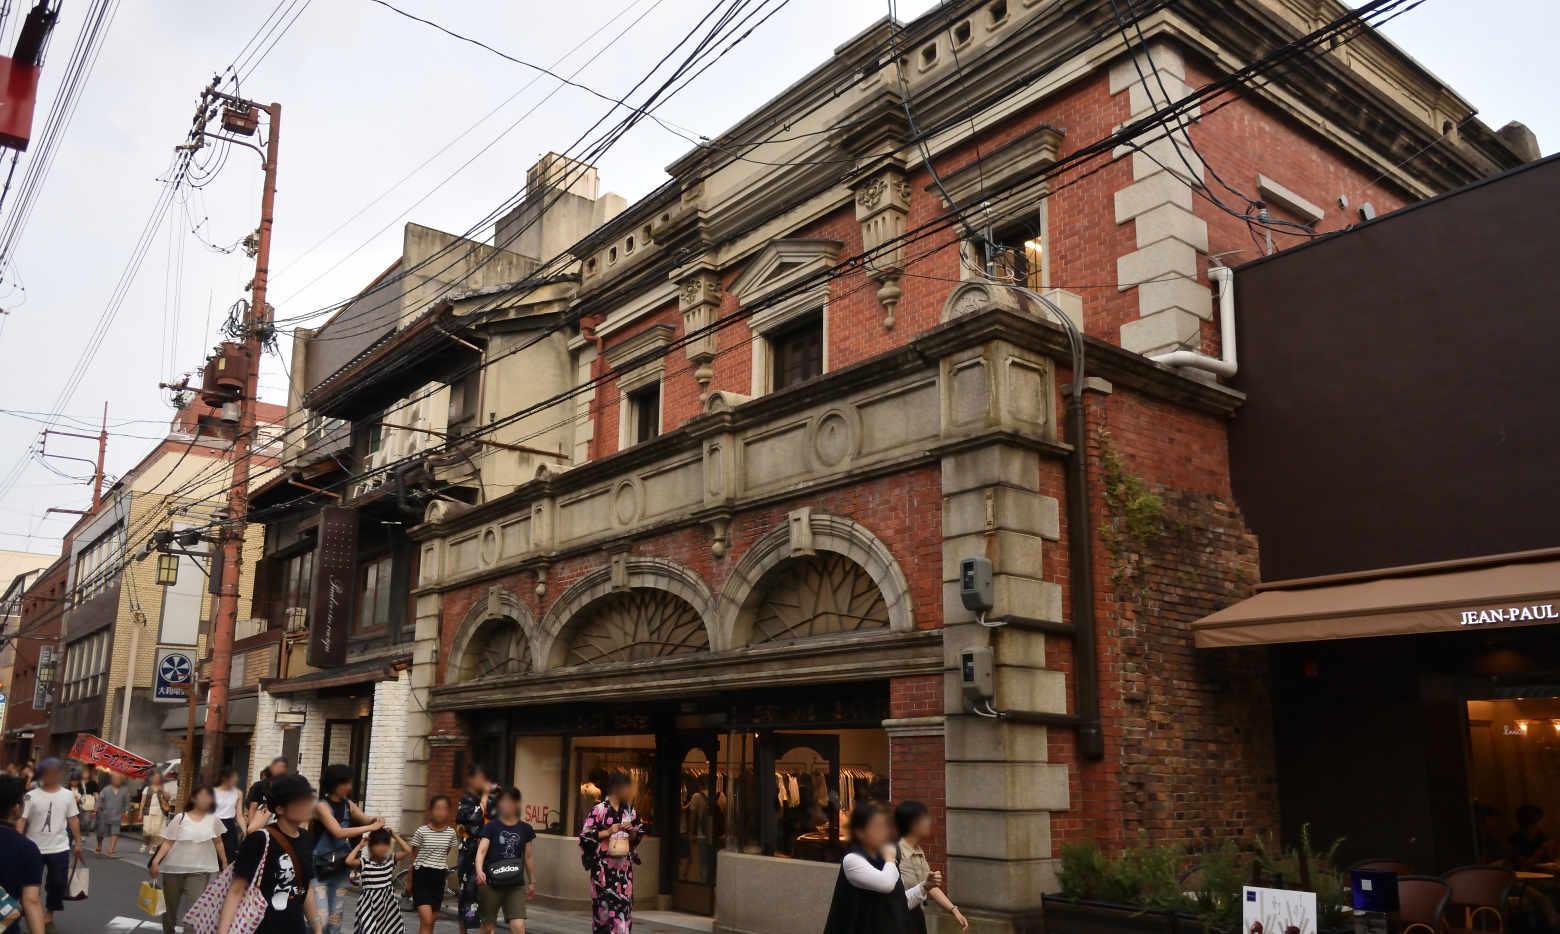 京都ダマシンカンパニー(昔は時計屋さん)